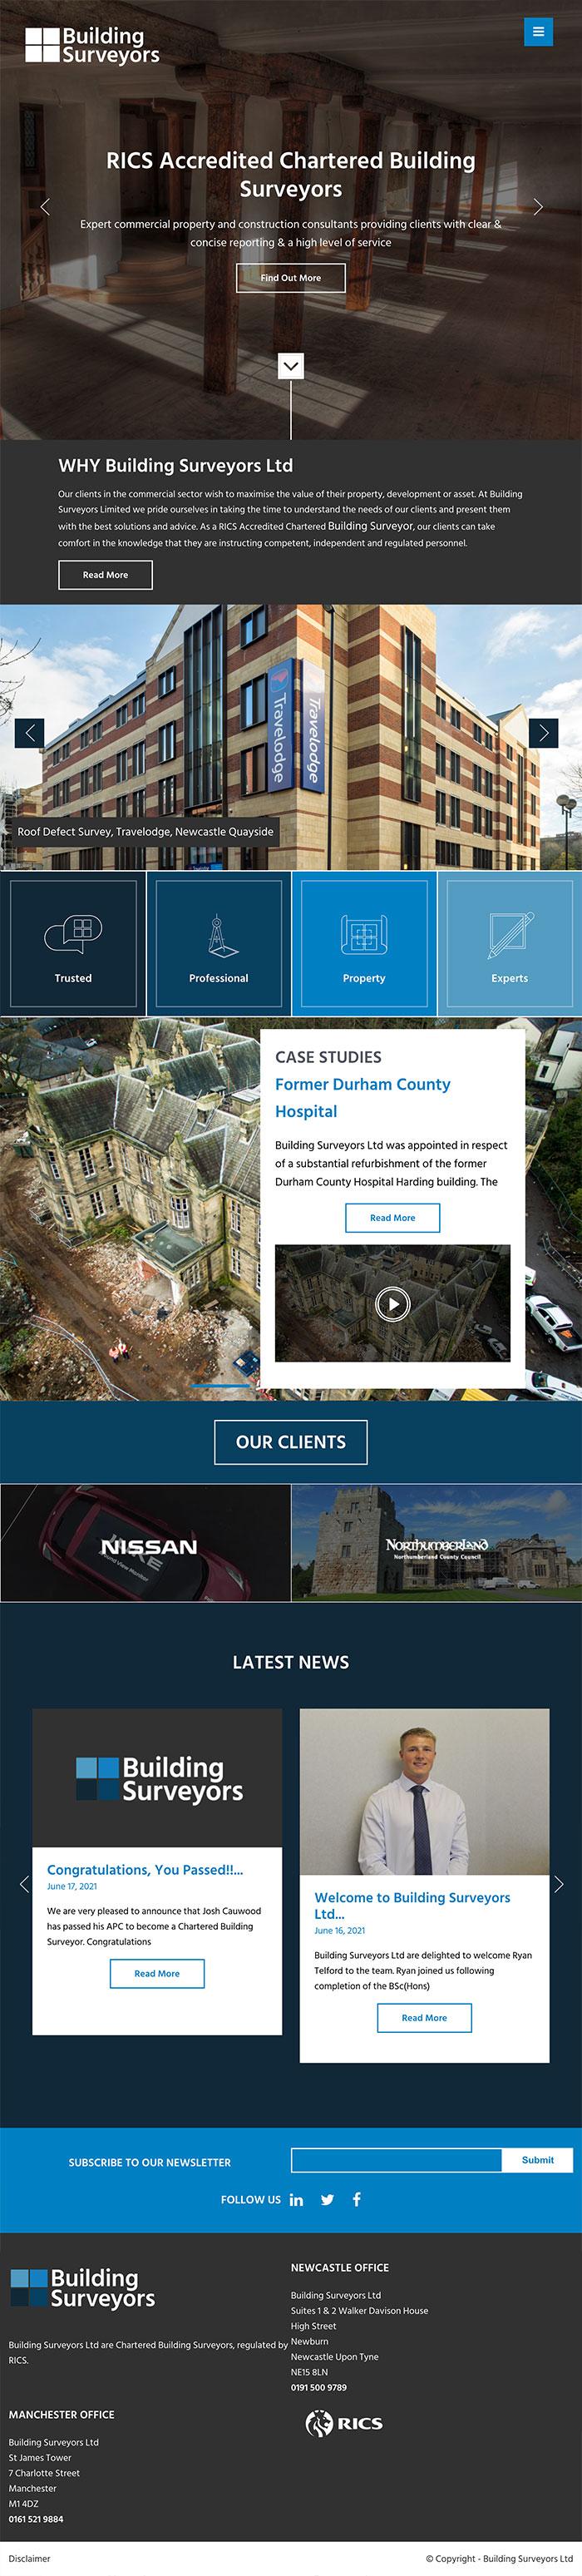 /buildingsurveyorsltd - Tablet View